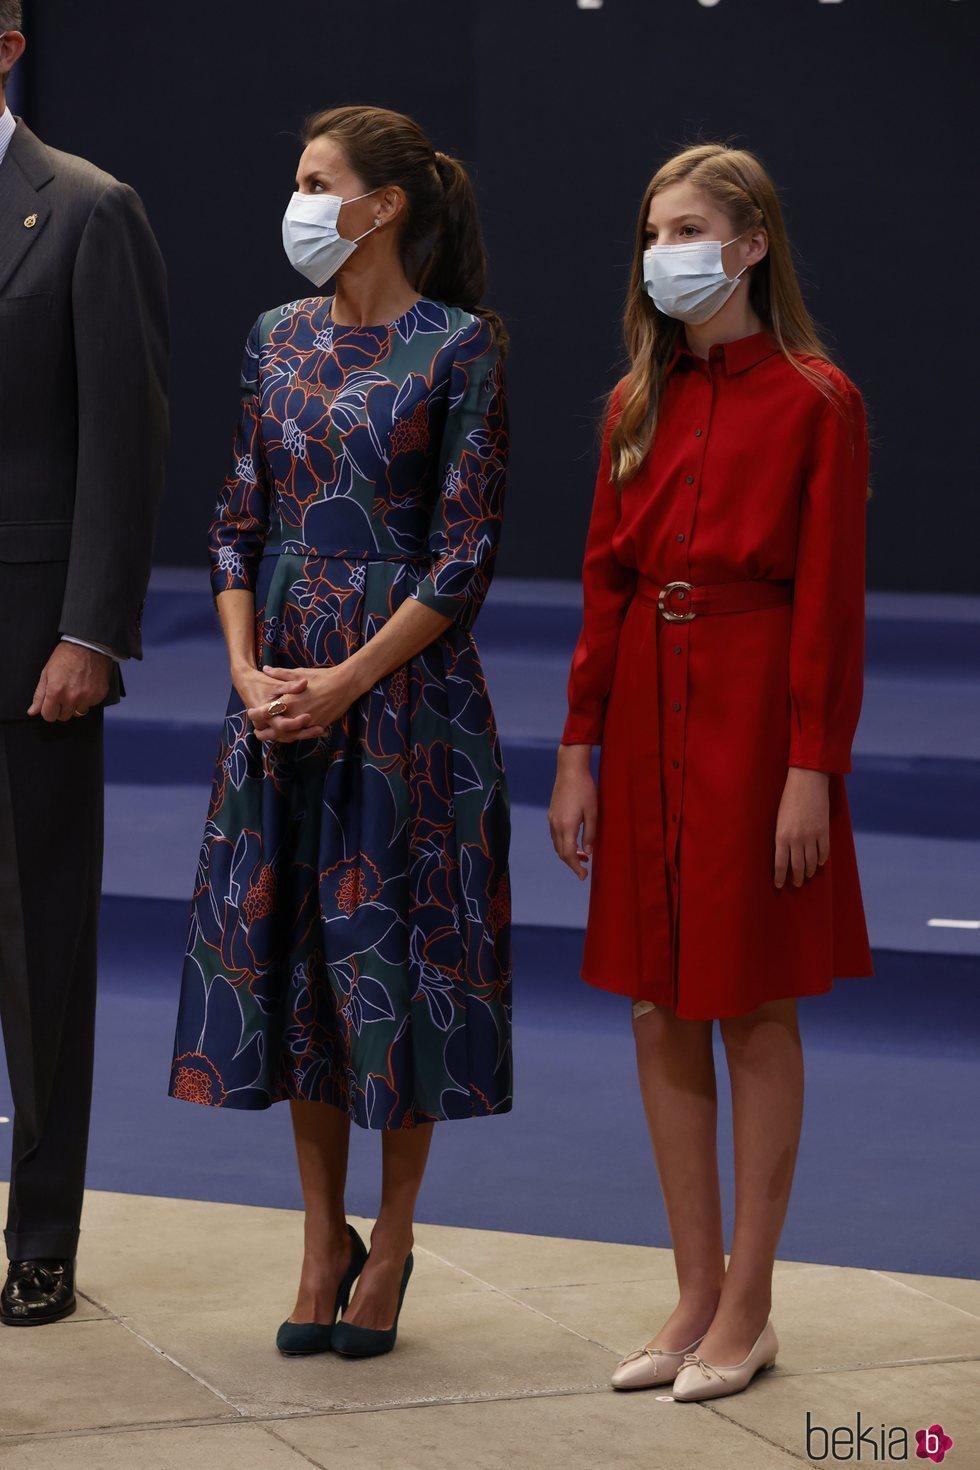 La Reina Letizia y la Infanta Sofía en la audiencia a los galardonados de los Premios Princesa de Asturias 2020